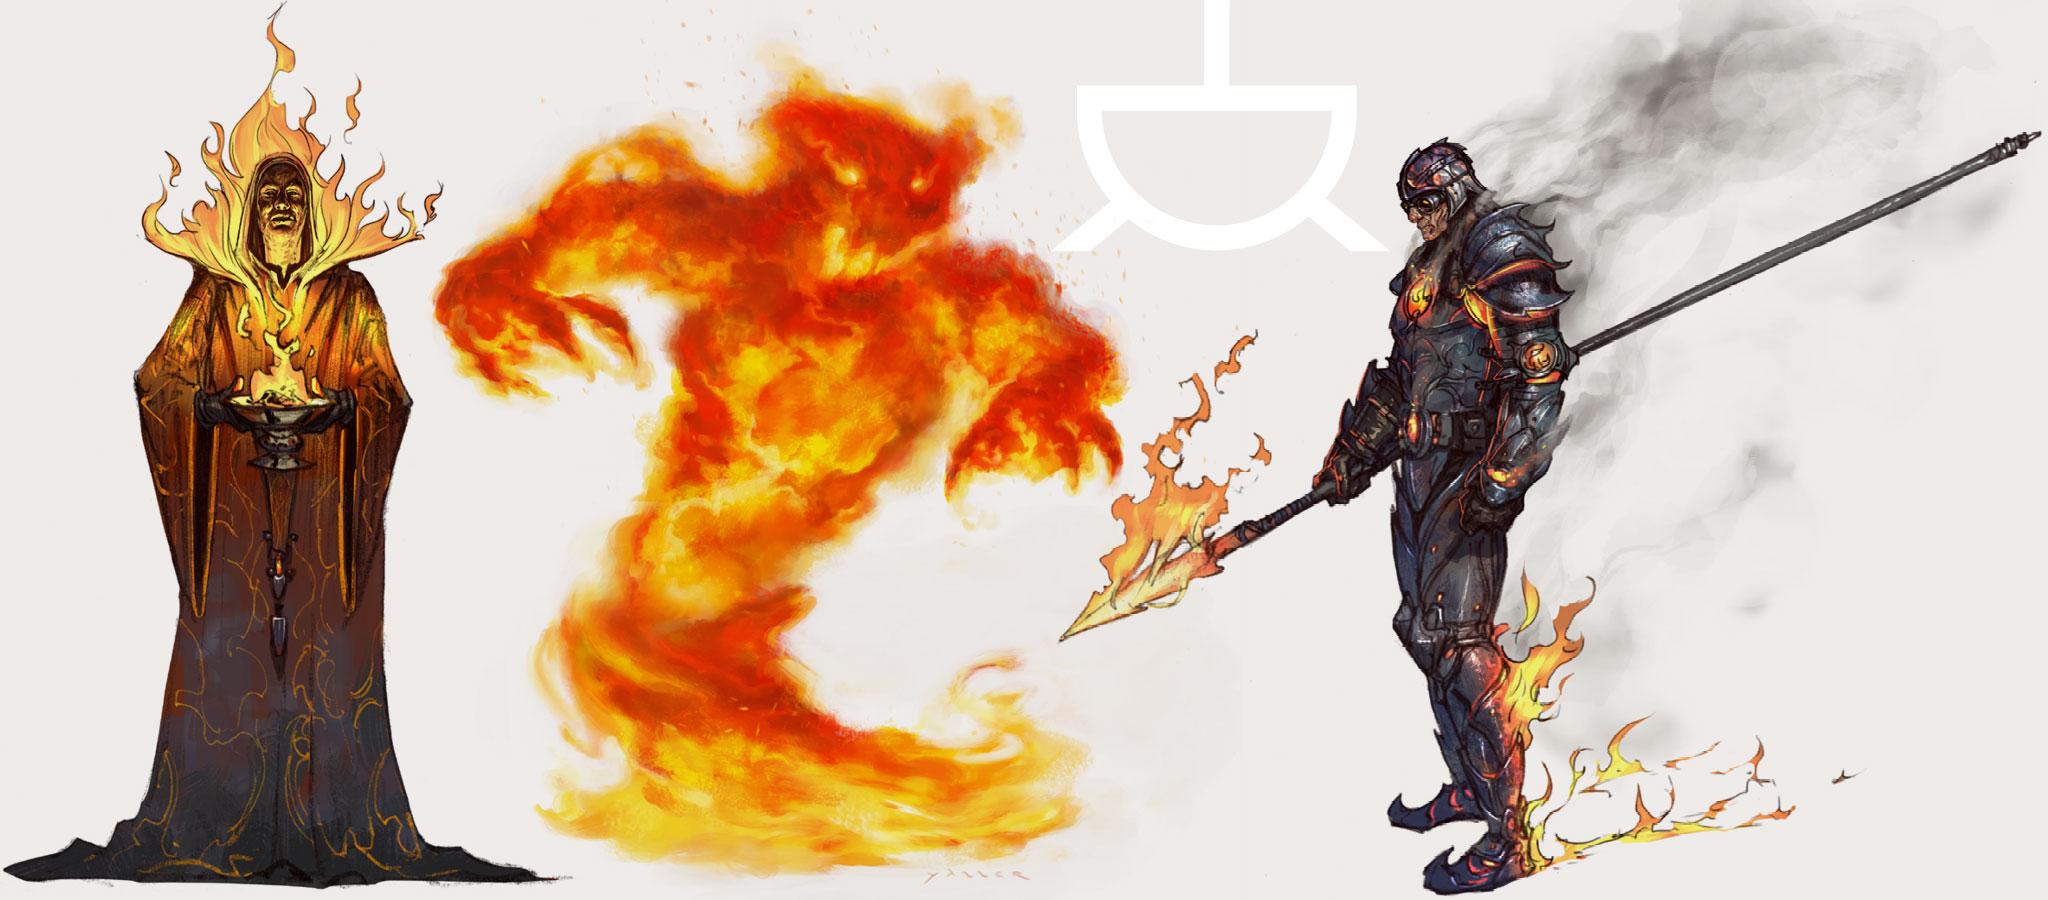 culto do fogo.jpg